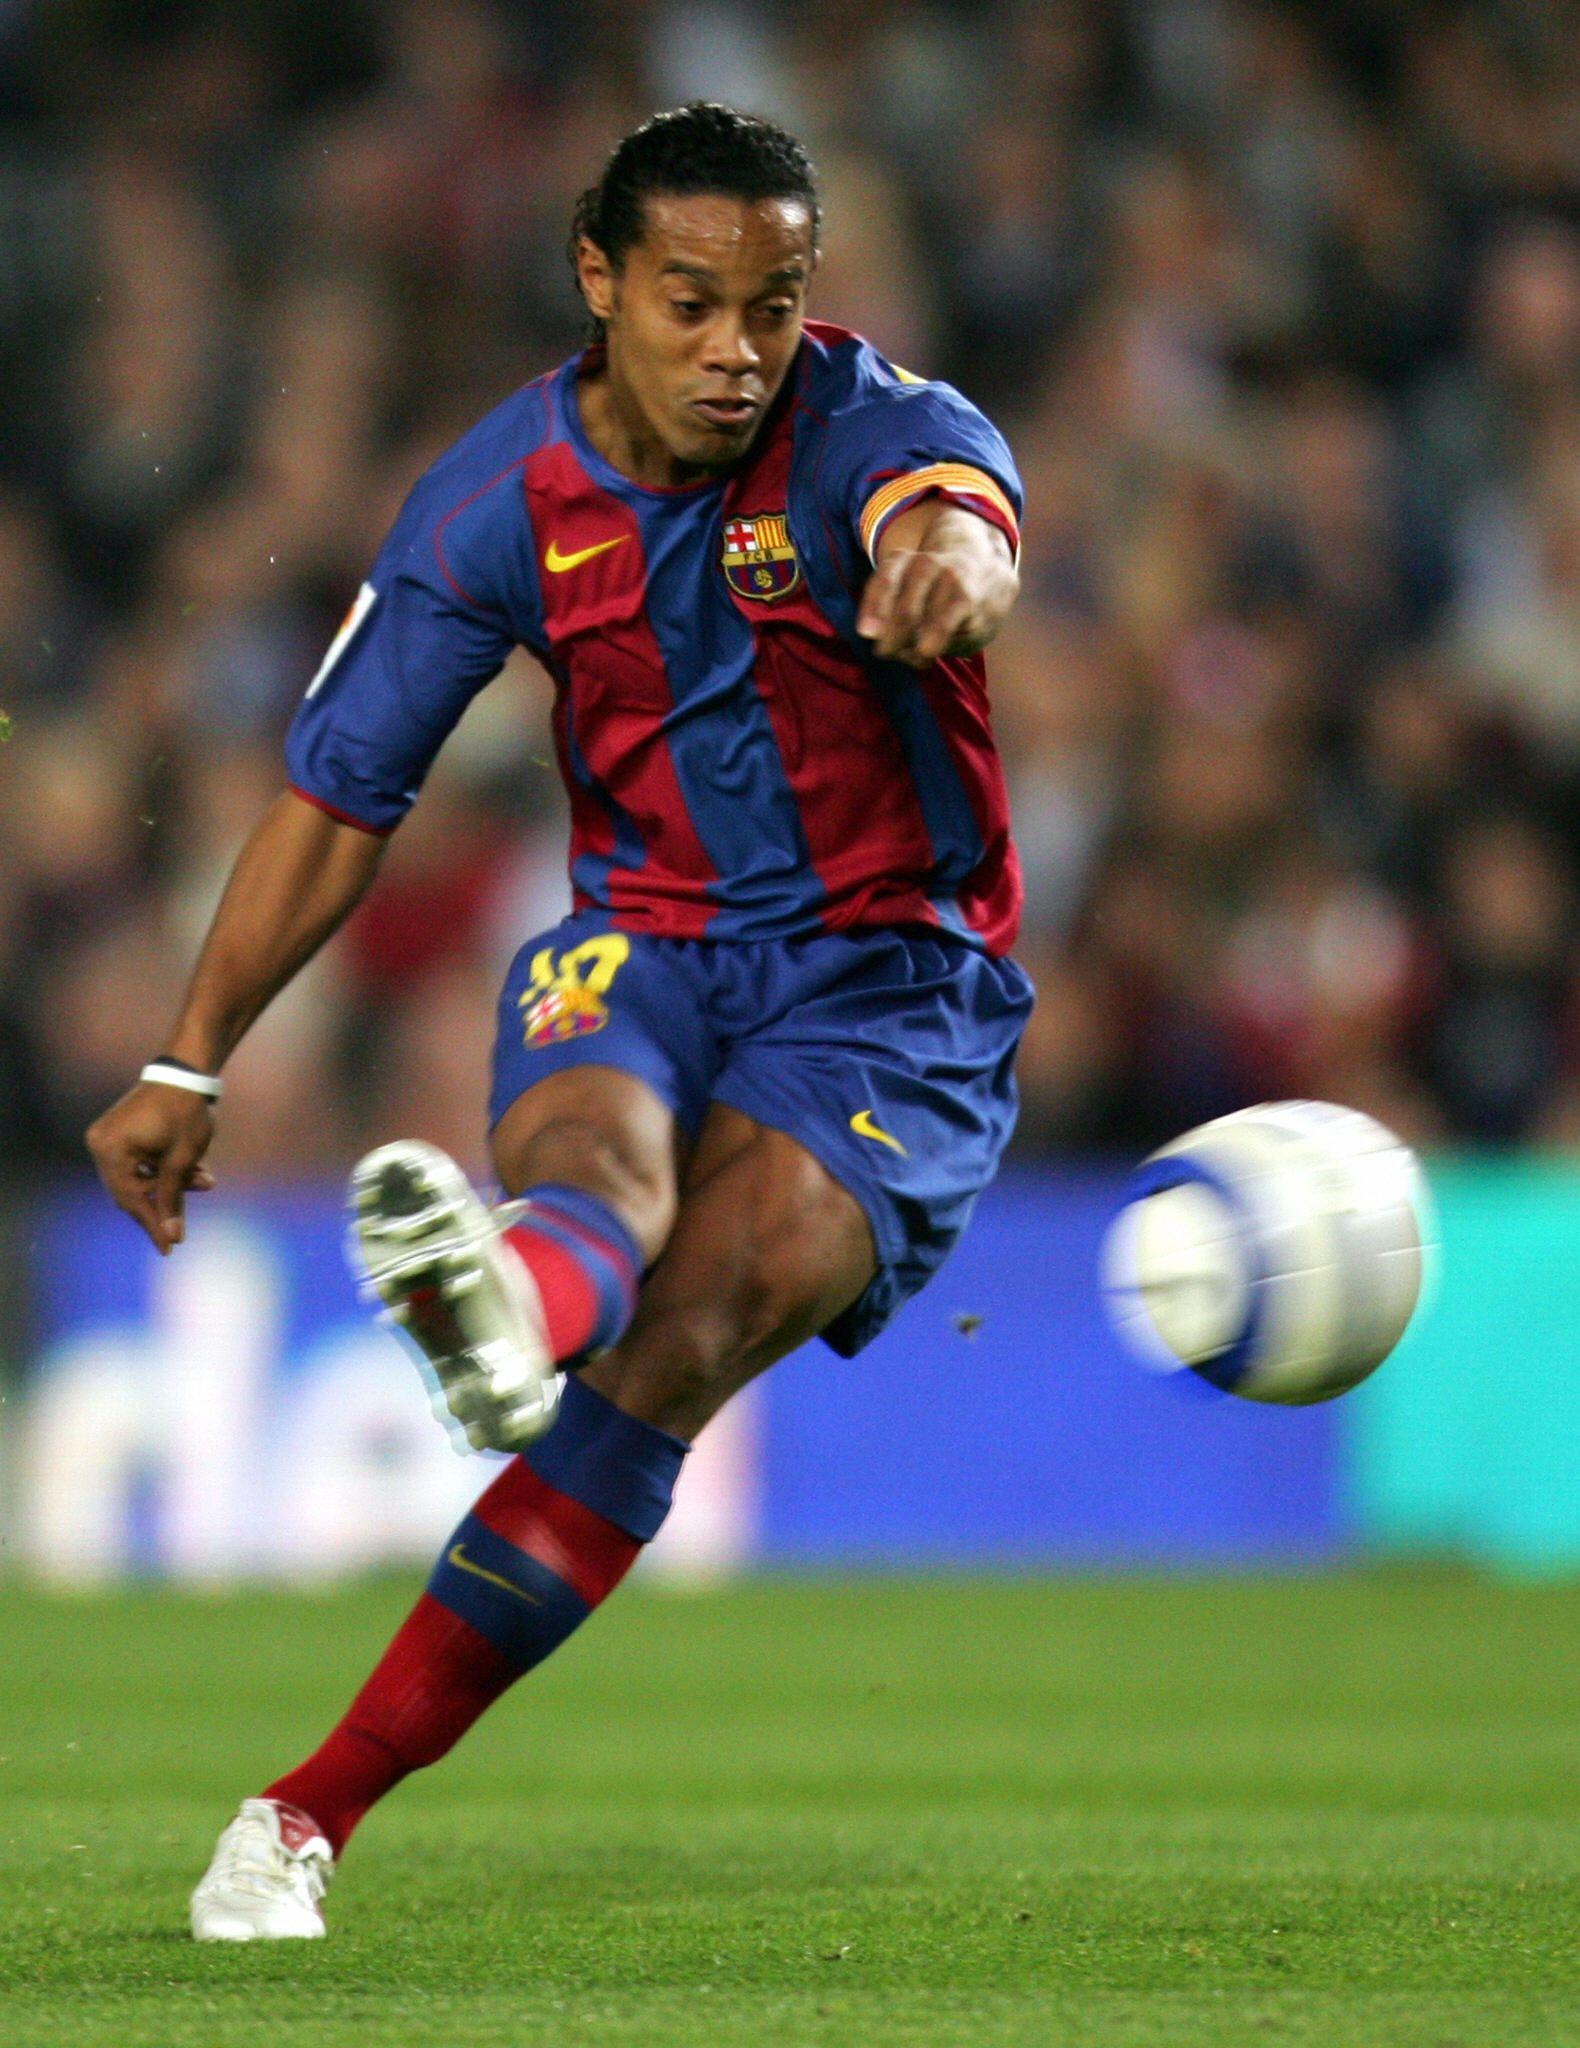 """Ronaldinho """"Gaucho"""" de Assis Moreira Brazil"""